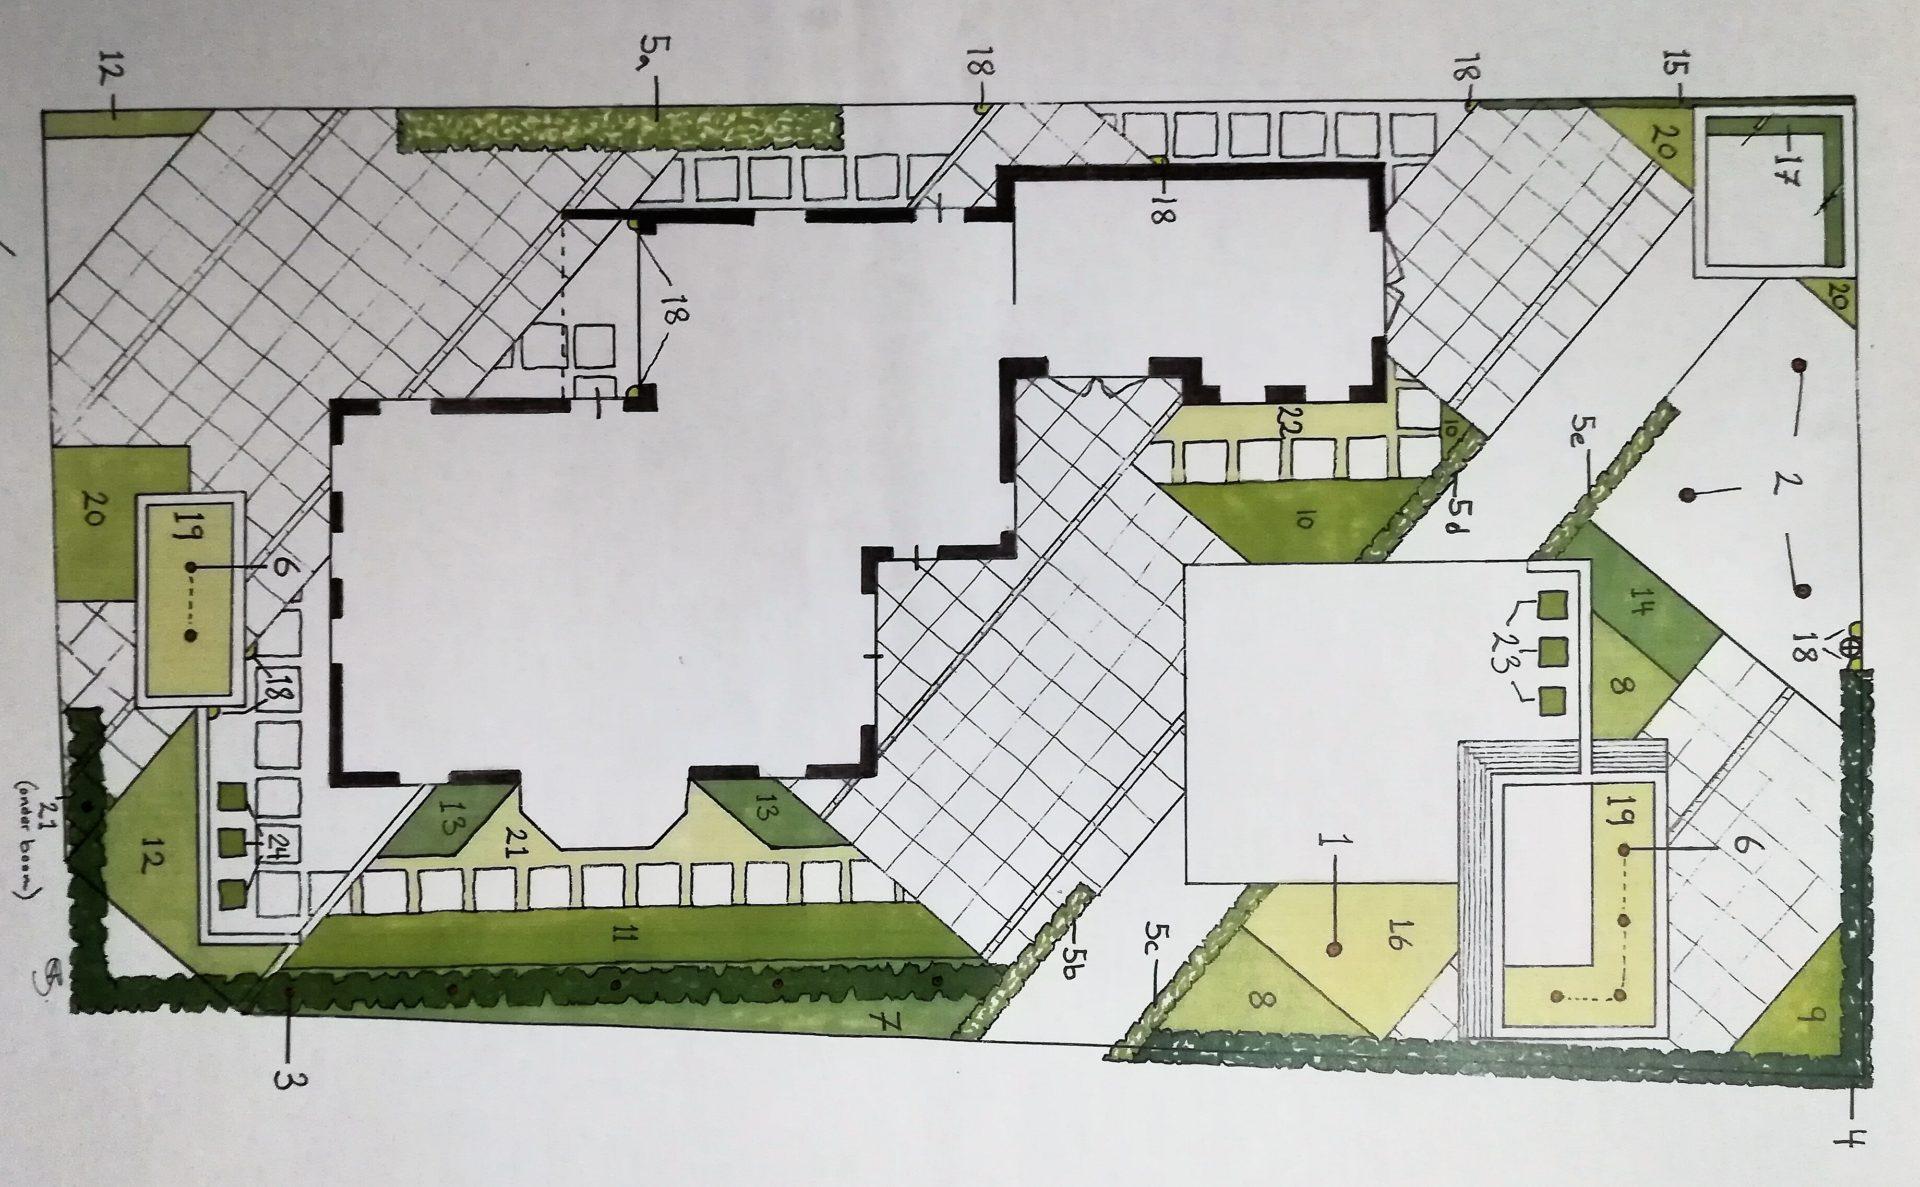 beplantingsplan tuin met diagonale lijnen